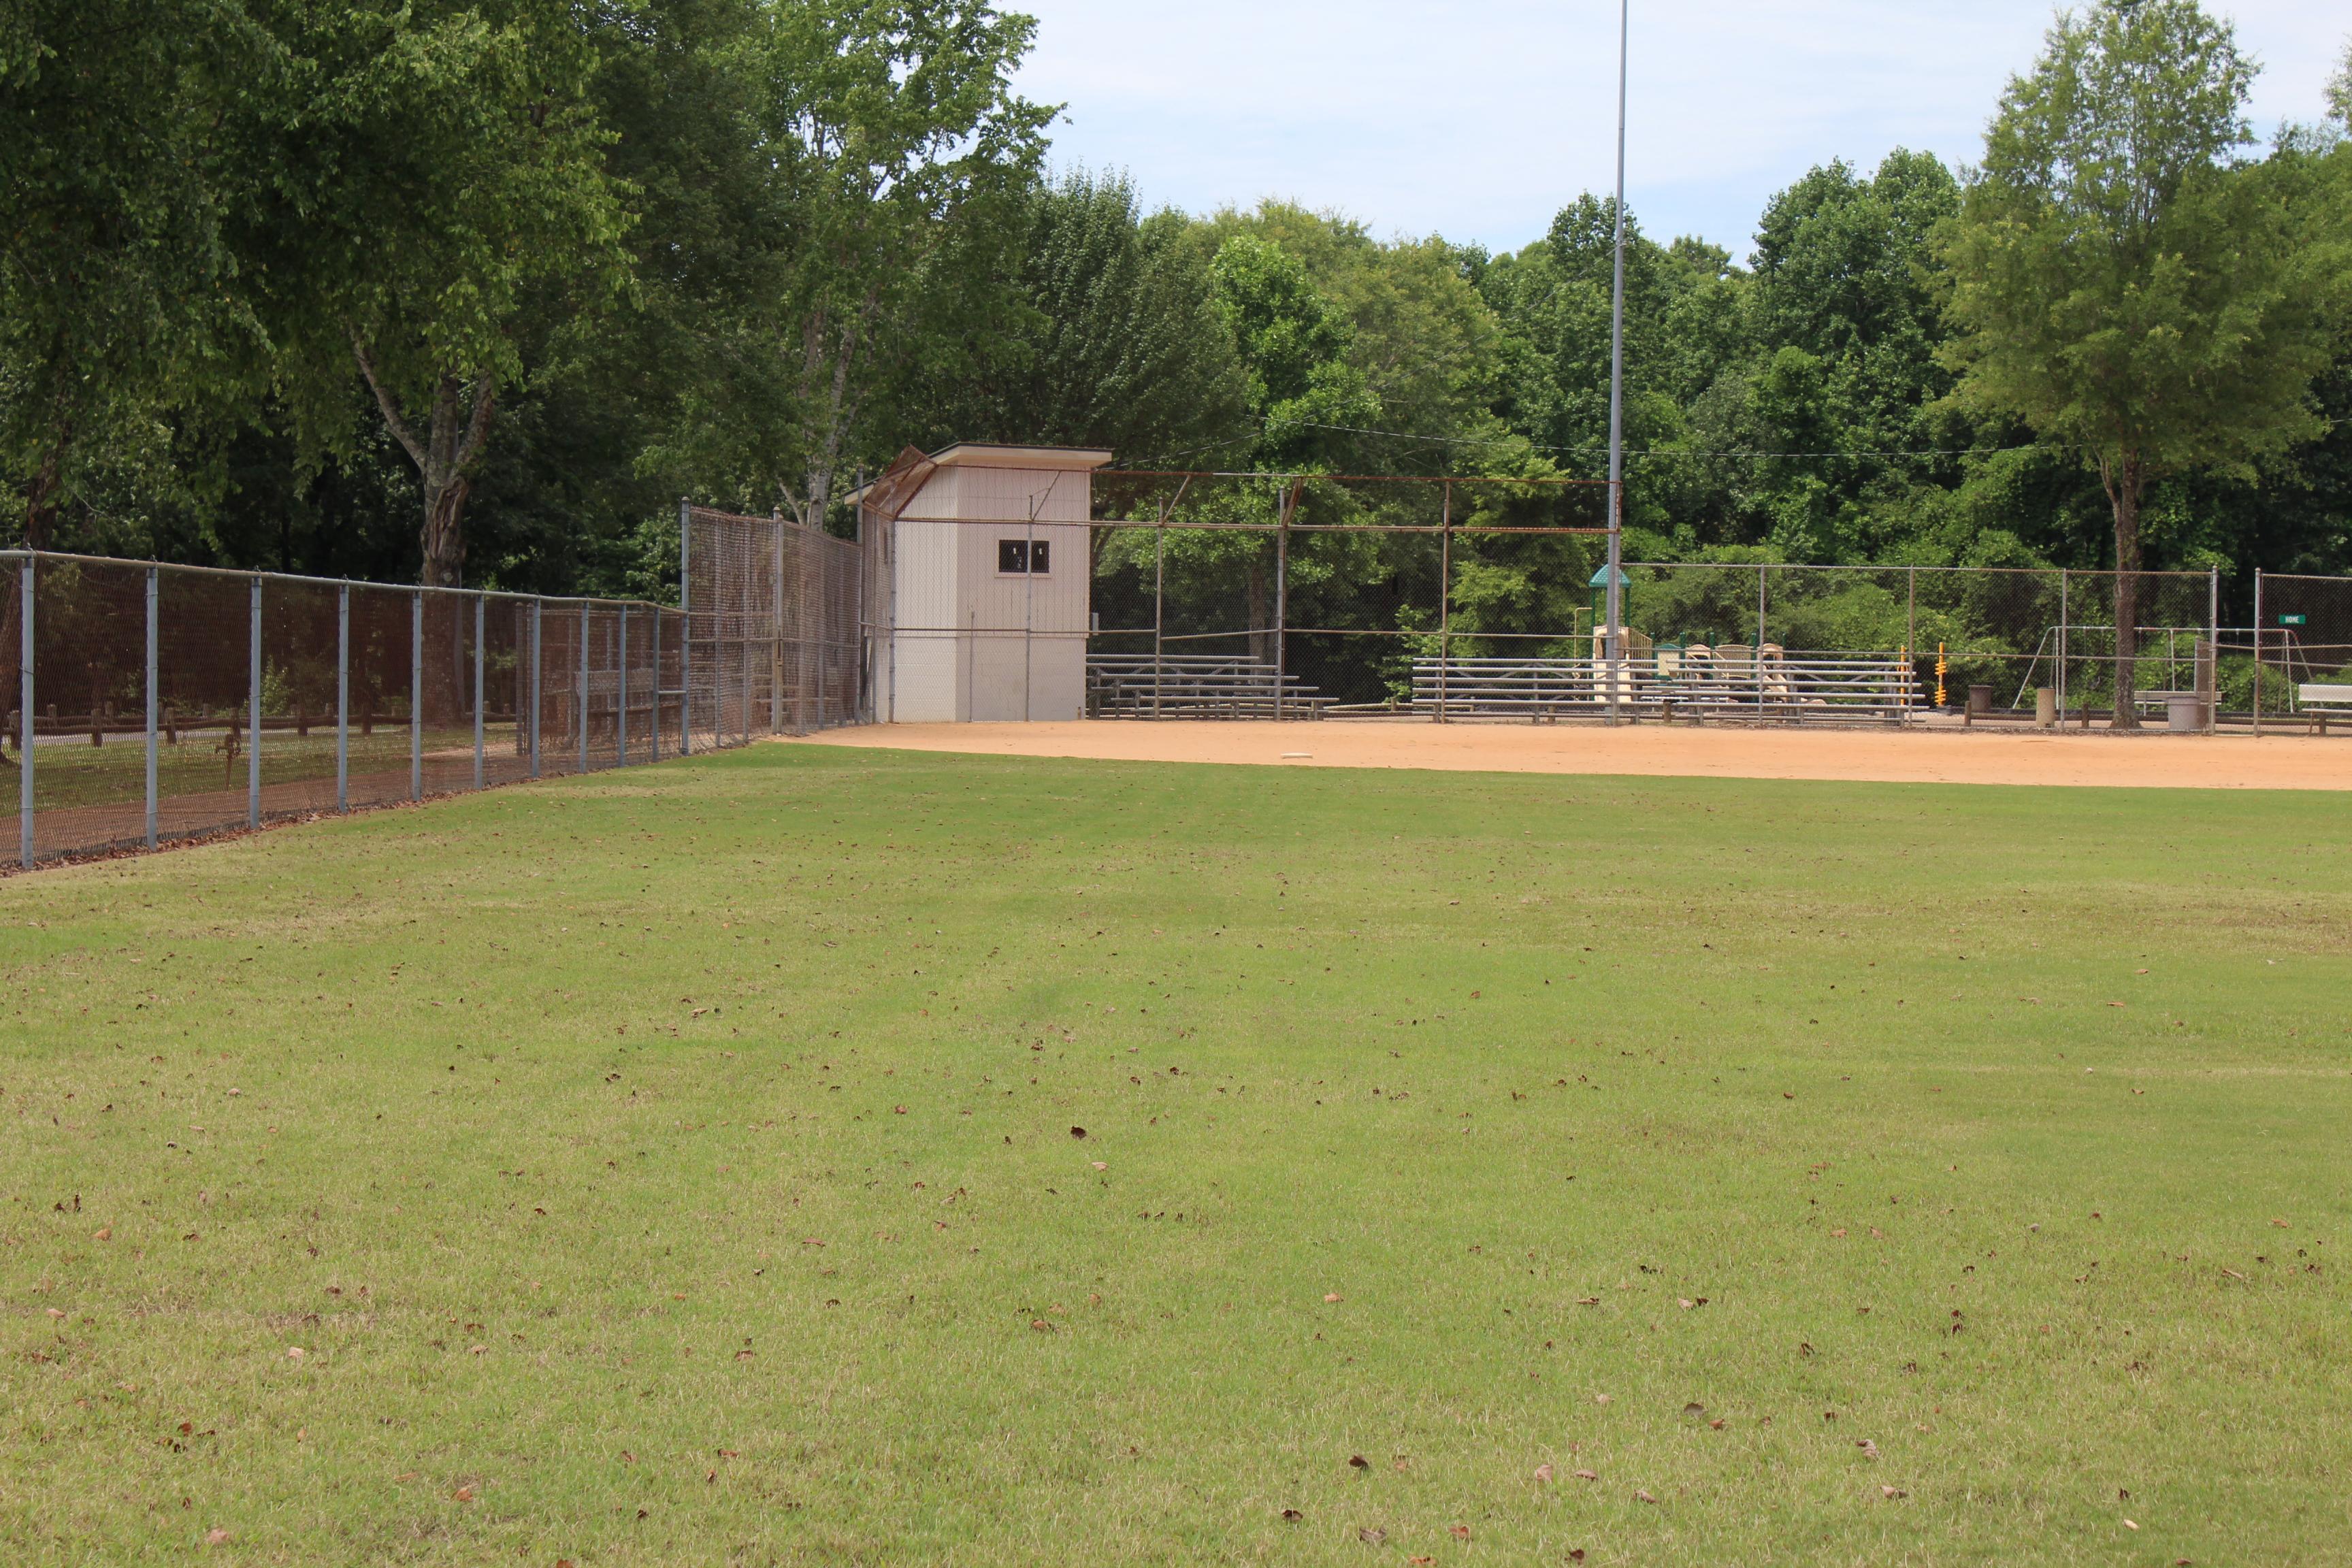 Photo of Baseball Field 4